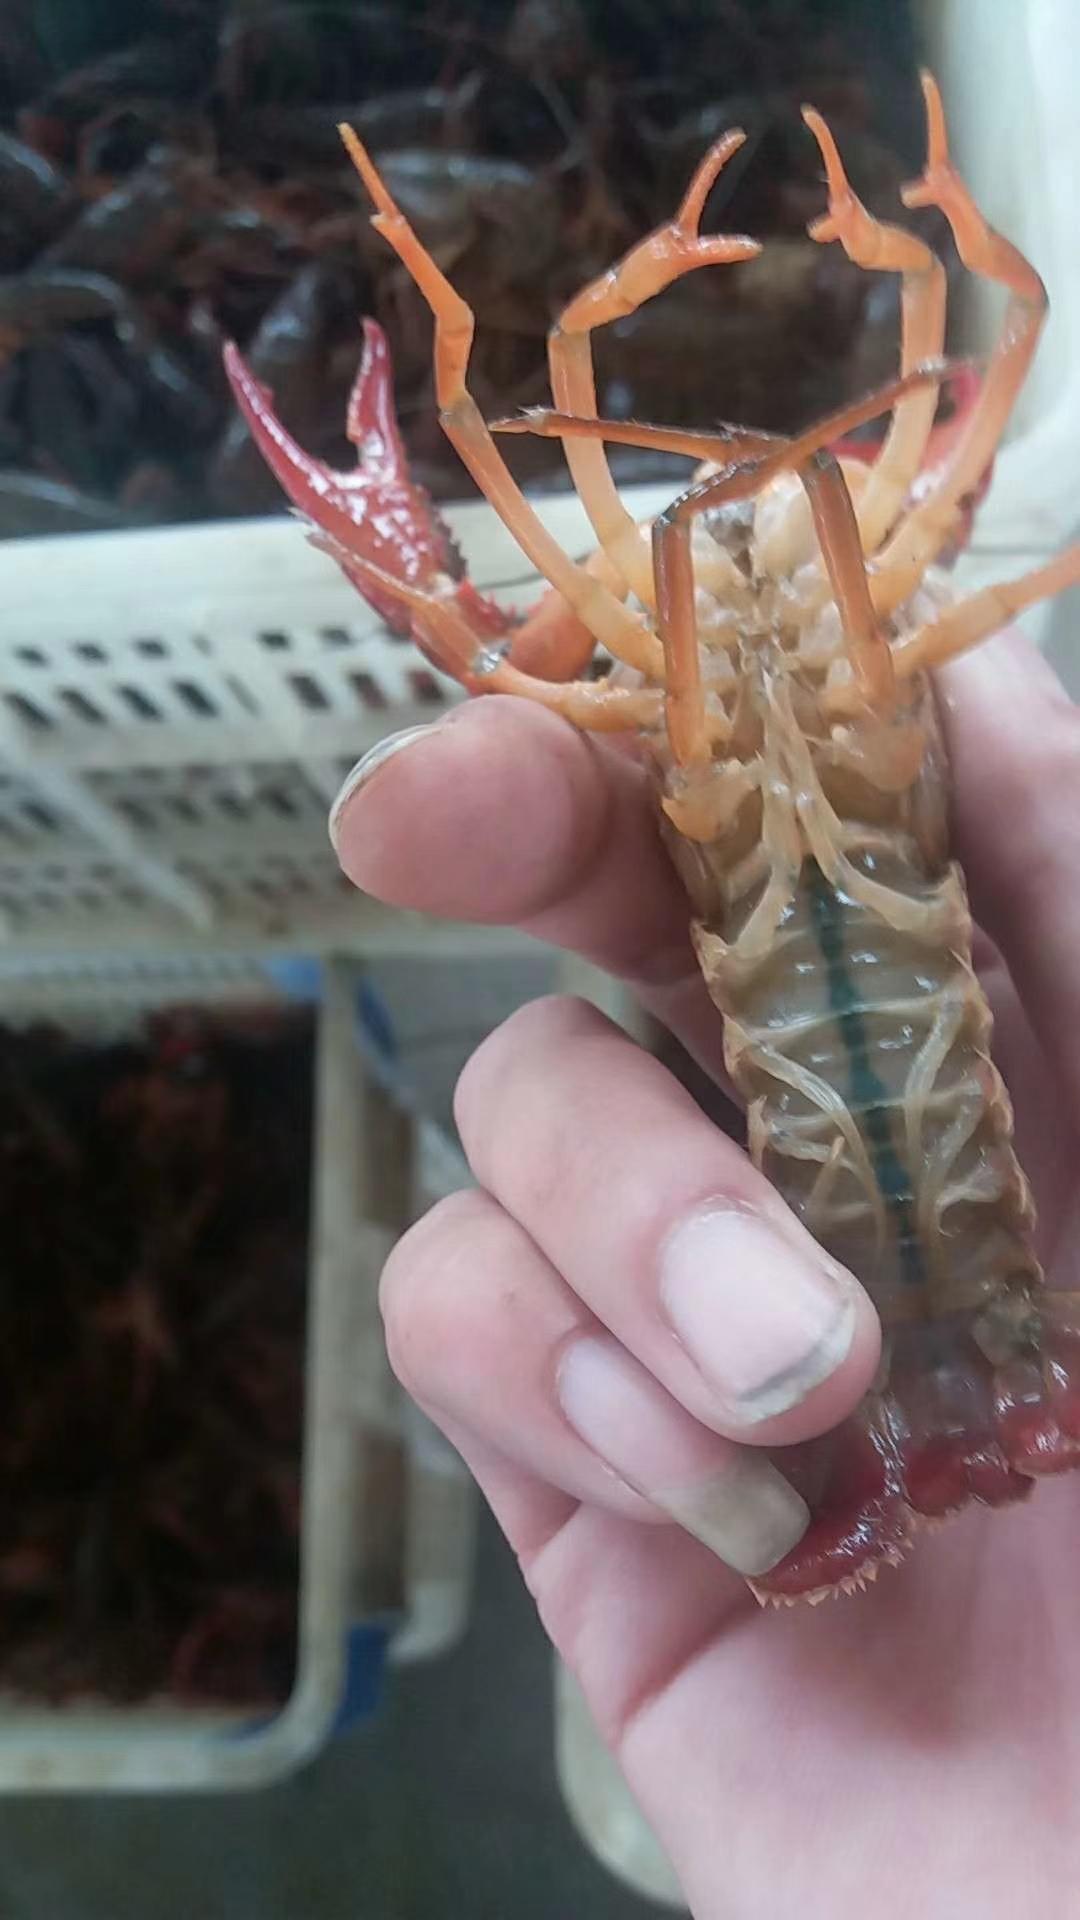 潜江小龙虾 中青456  硬规格肉质饱满,品质好